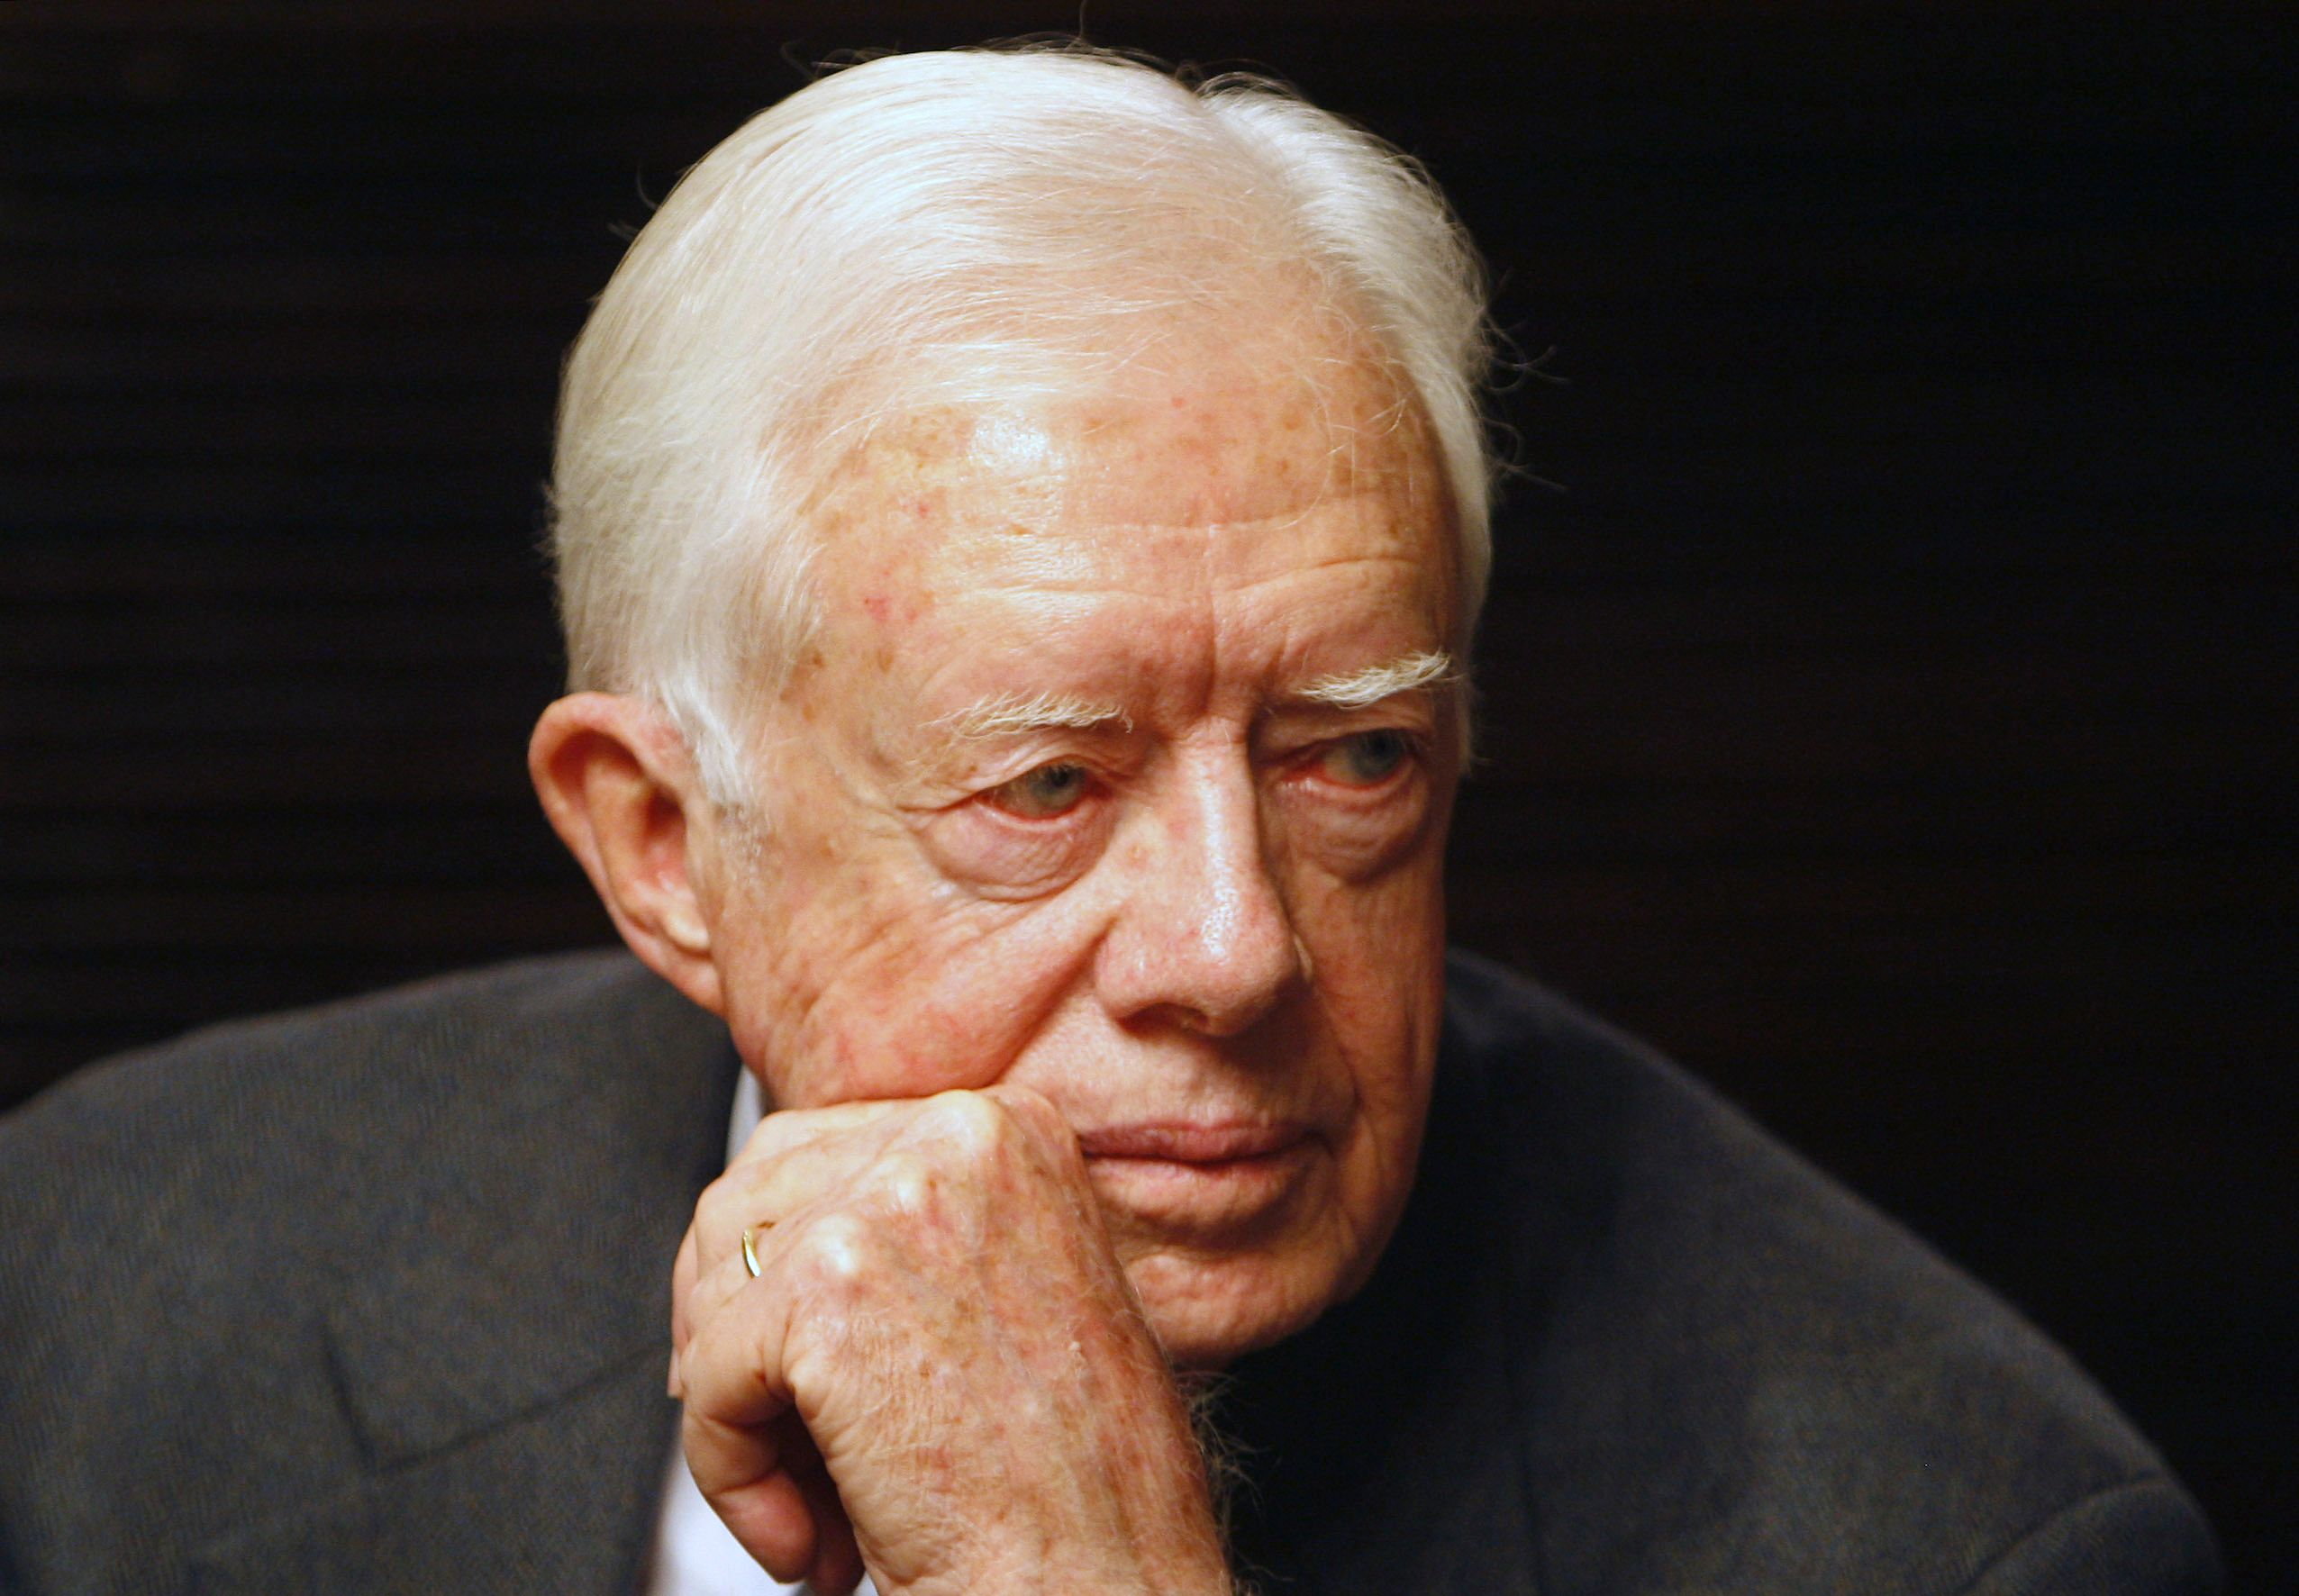 Etats-Unis : Jimmy Carter hospitalisé après plusieurs chutes